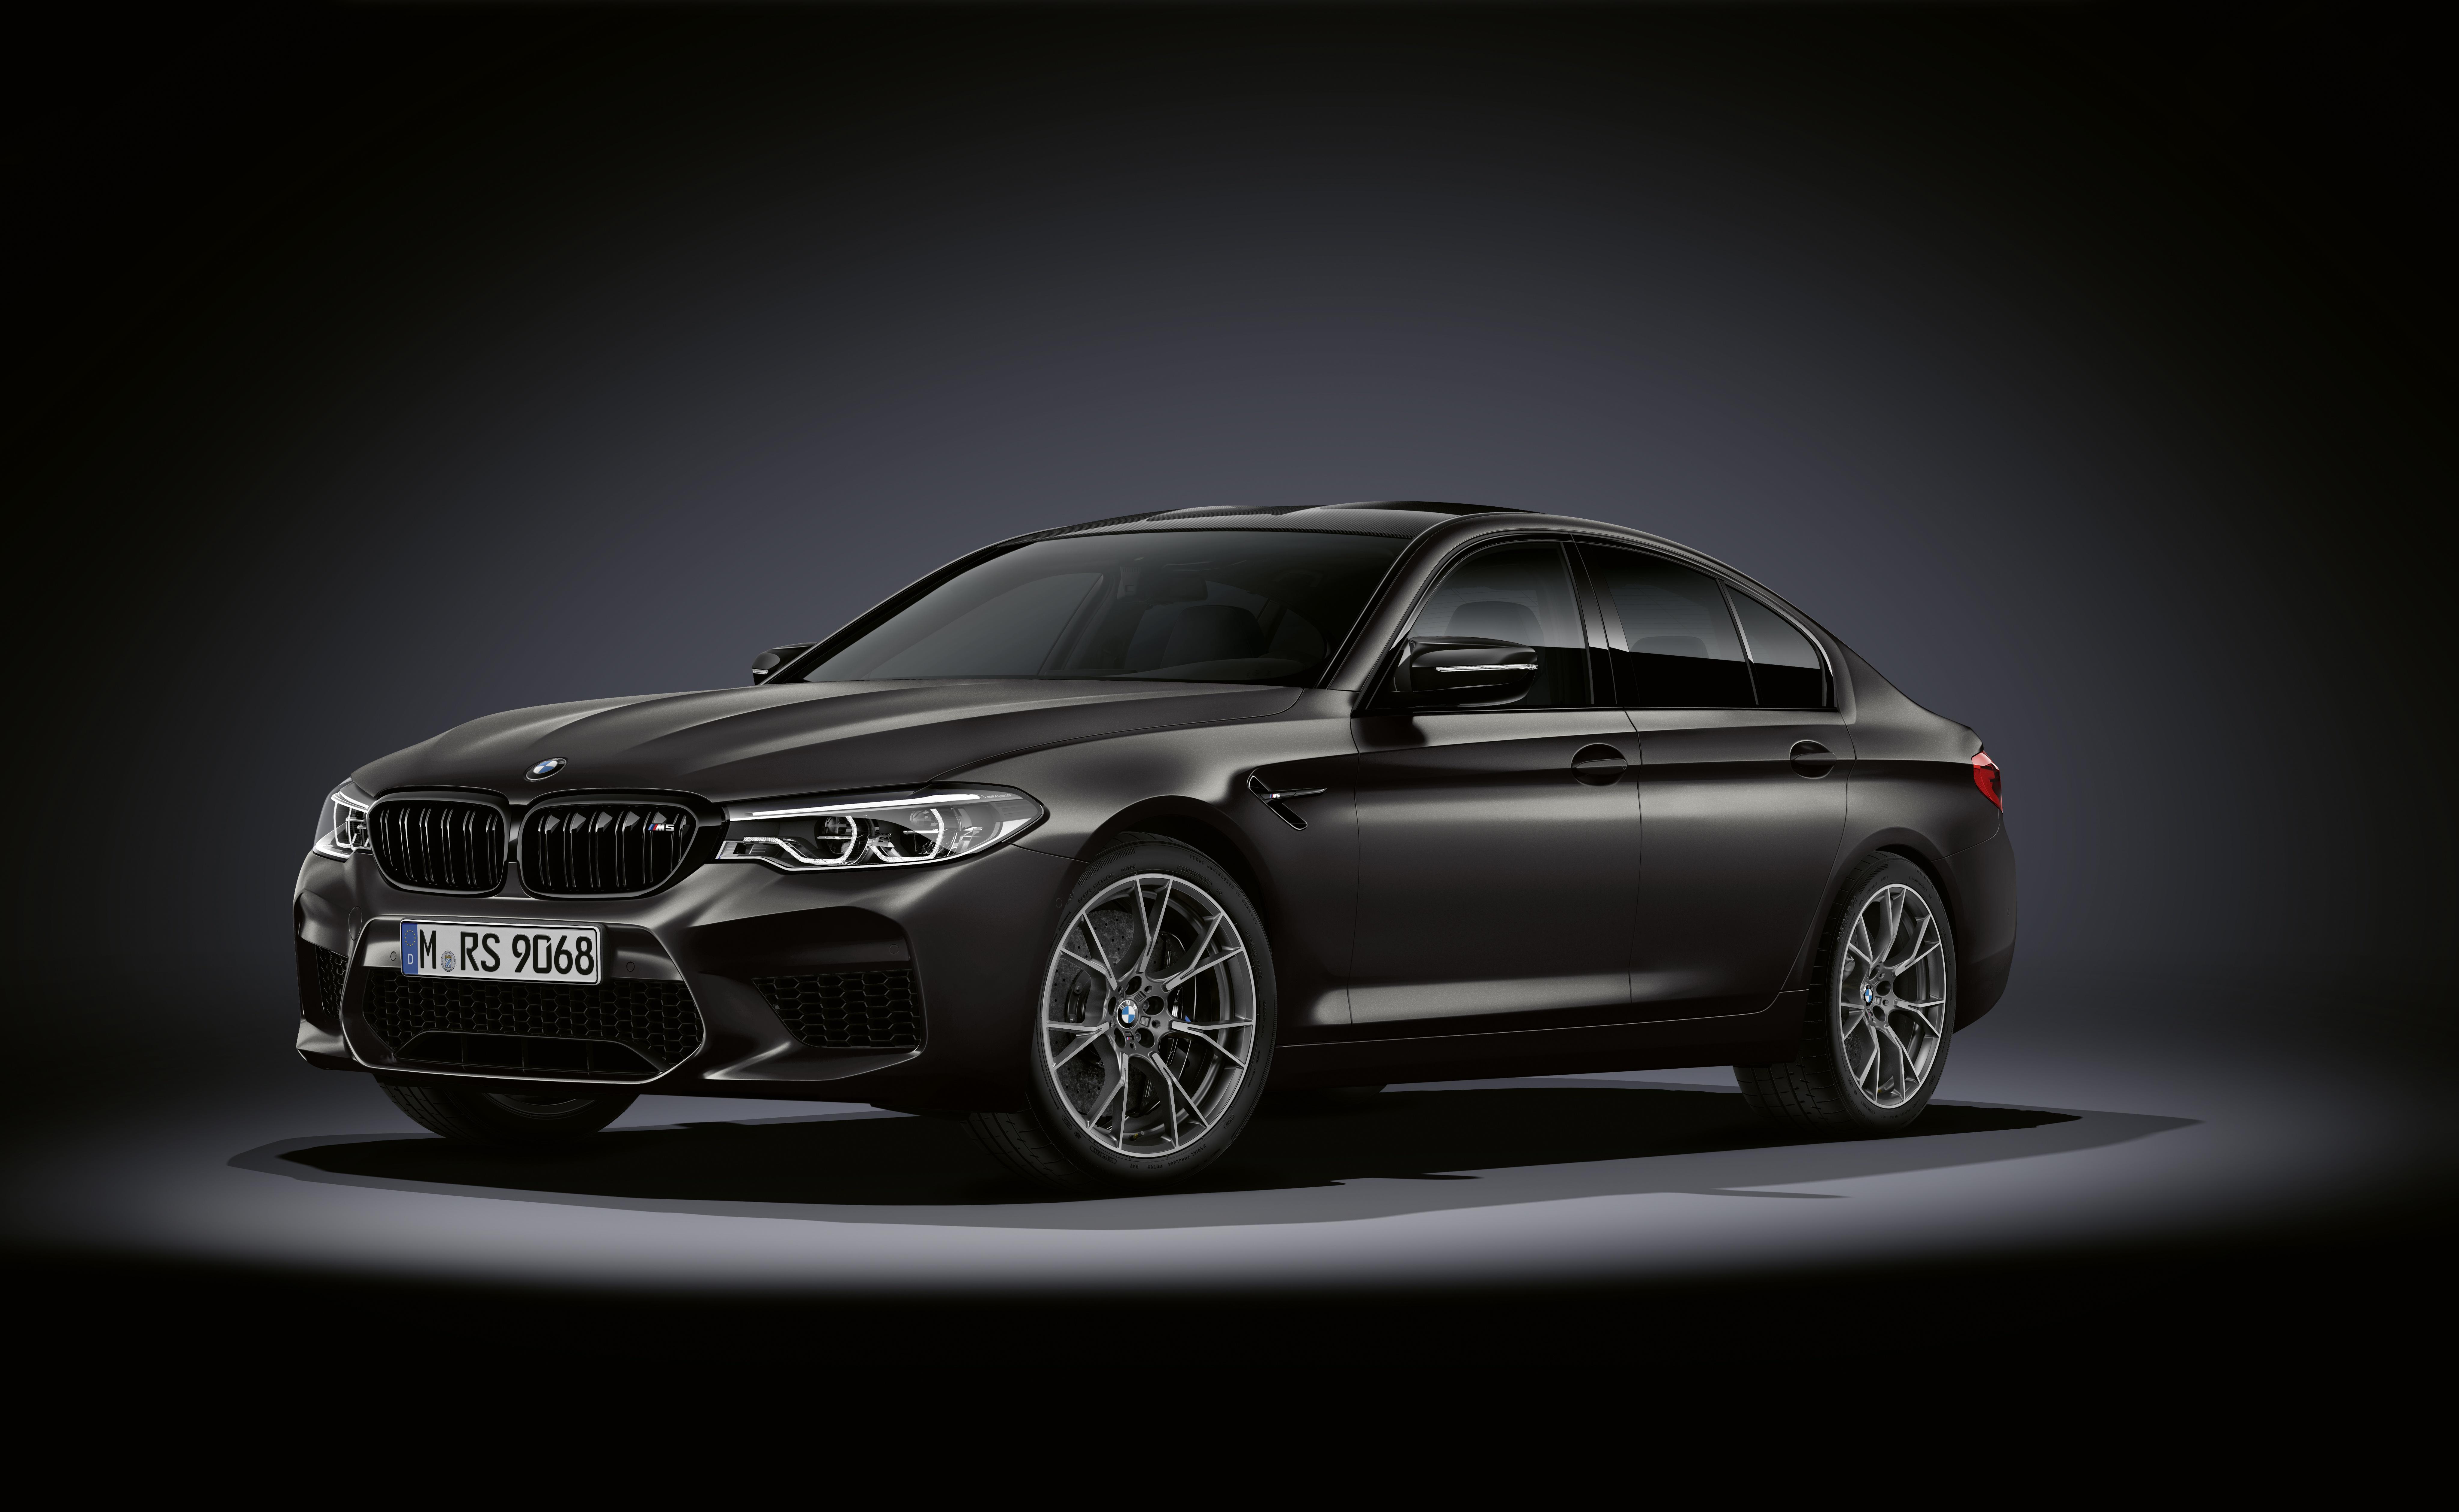 Фотография БМВ M5, F90, 2019, Edition 35 Years черная Автомобили BMW Черный черные черных авто машины машина автомобиль